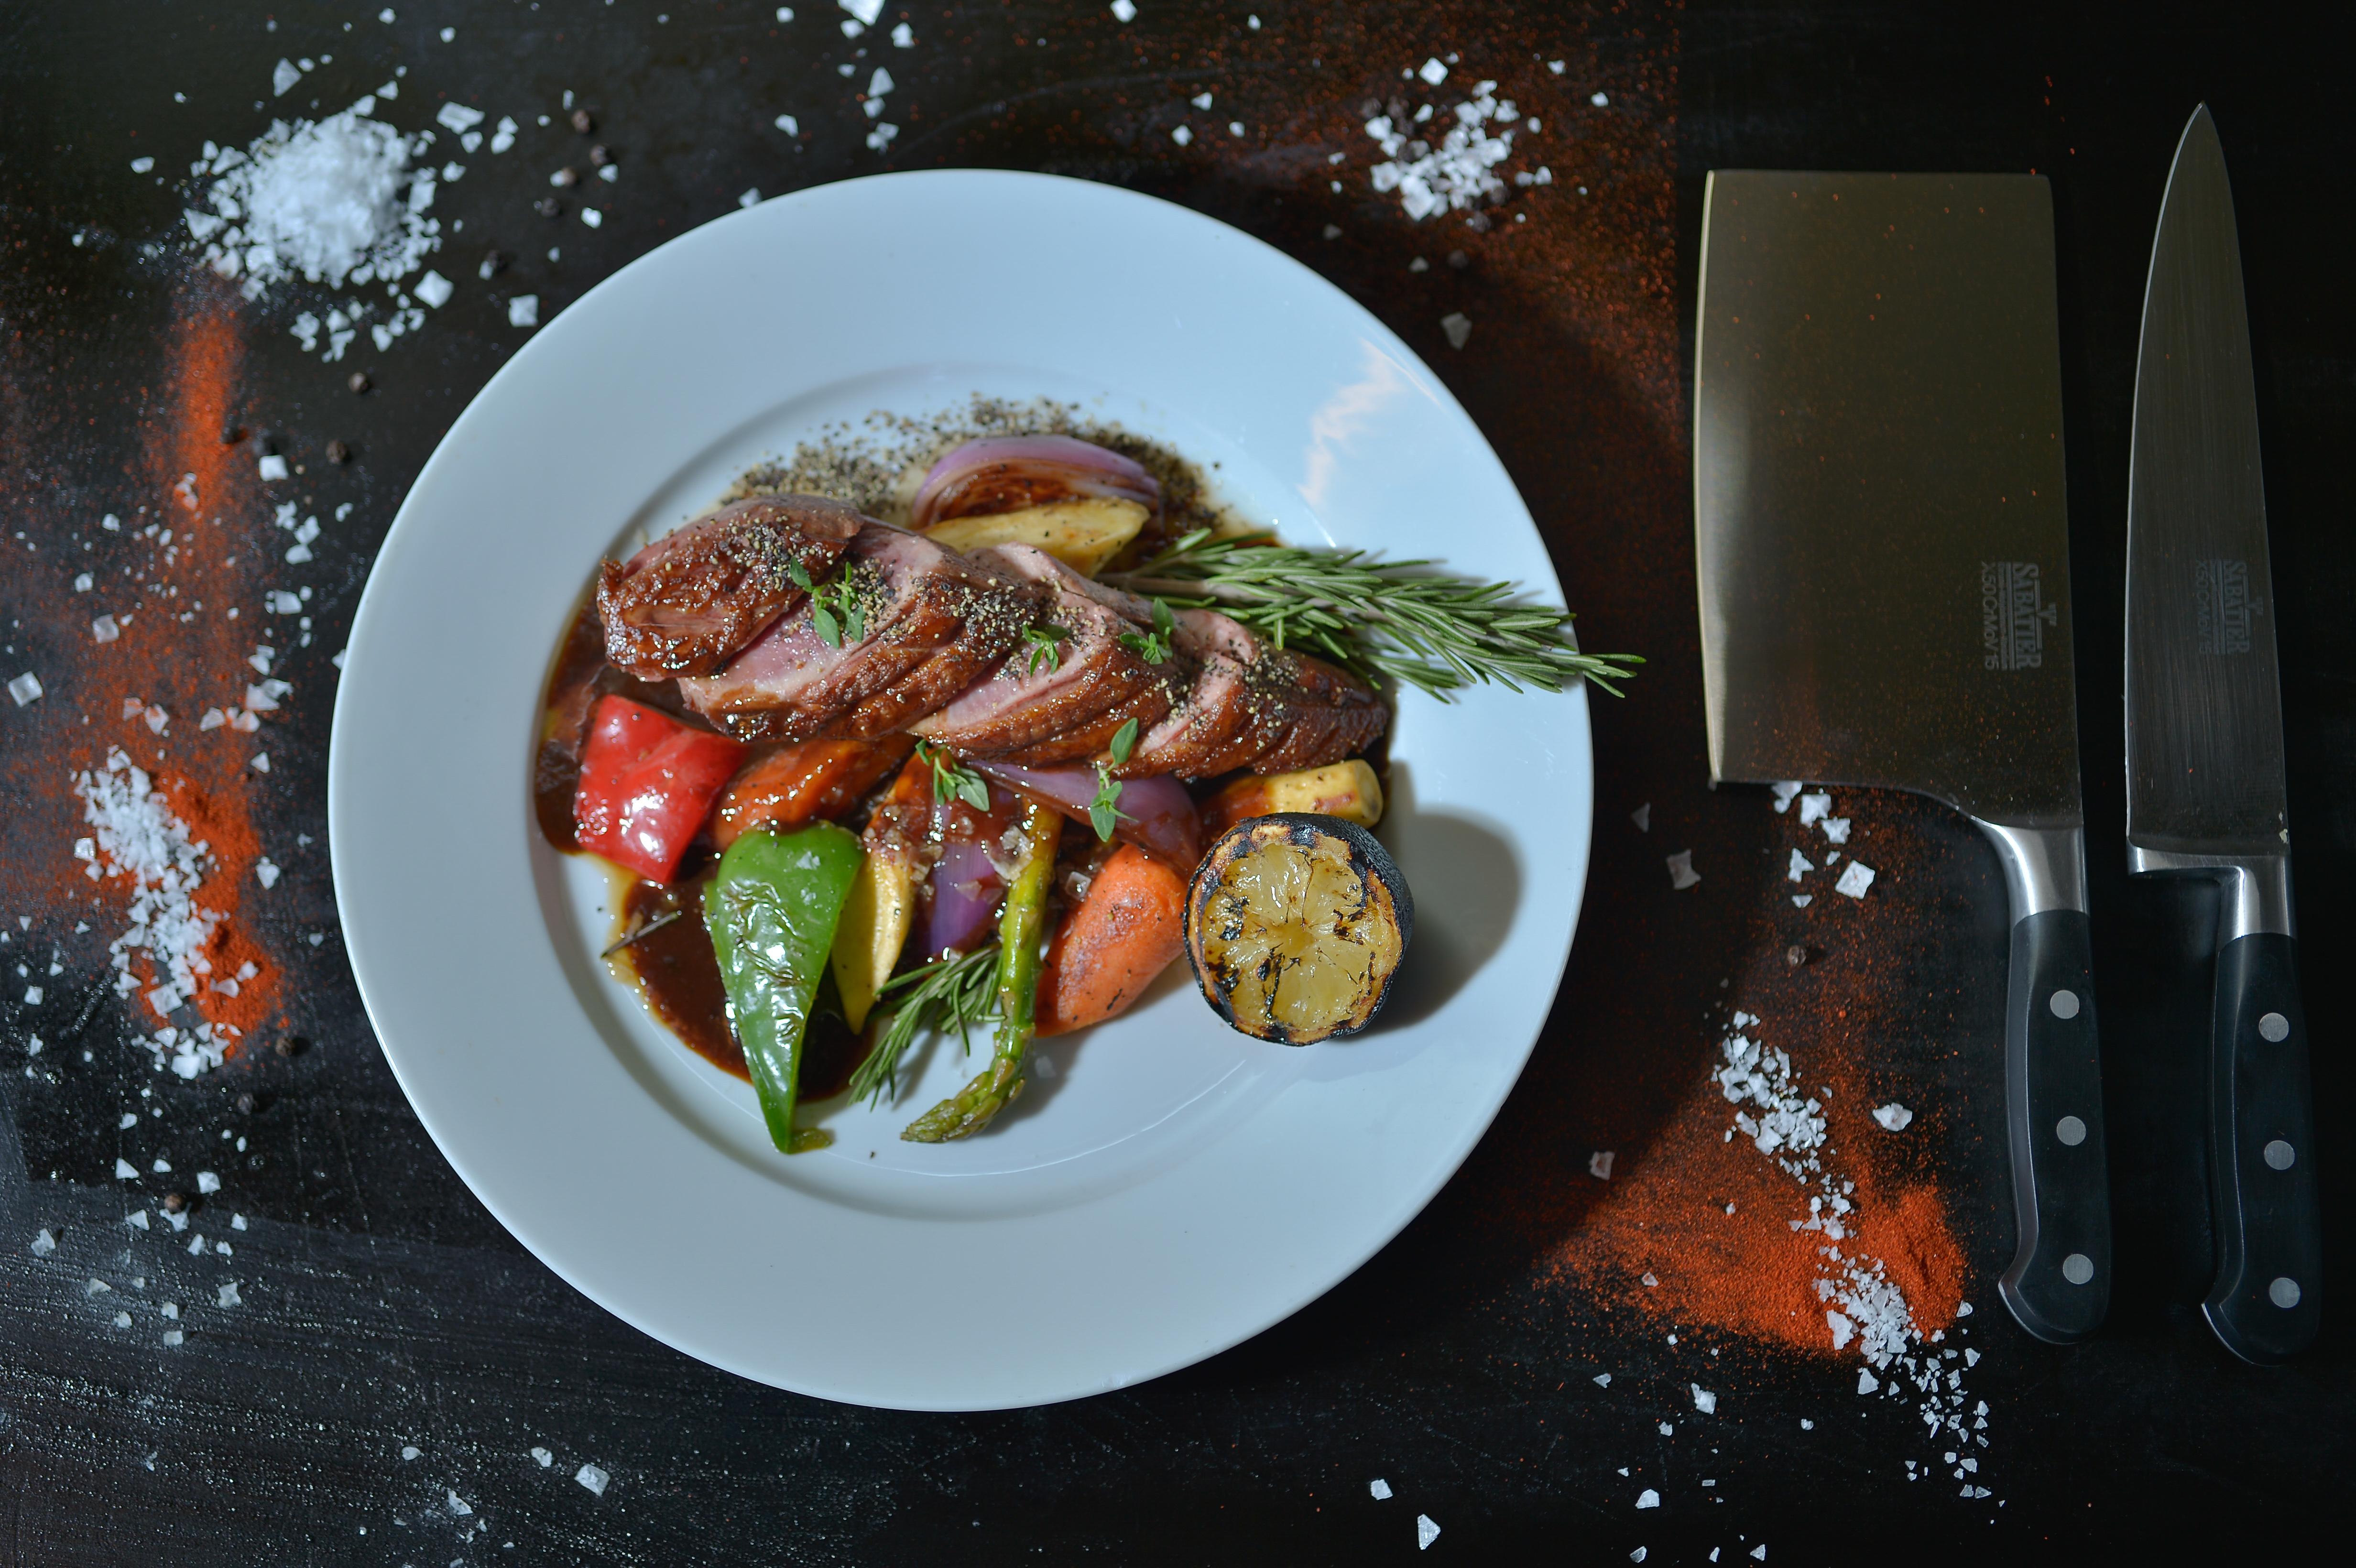 Catering med delicatesser såsom Anka på en bädd av grillade grönsaker • Amigo Hotell & Restaurang, Event & Catering